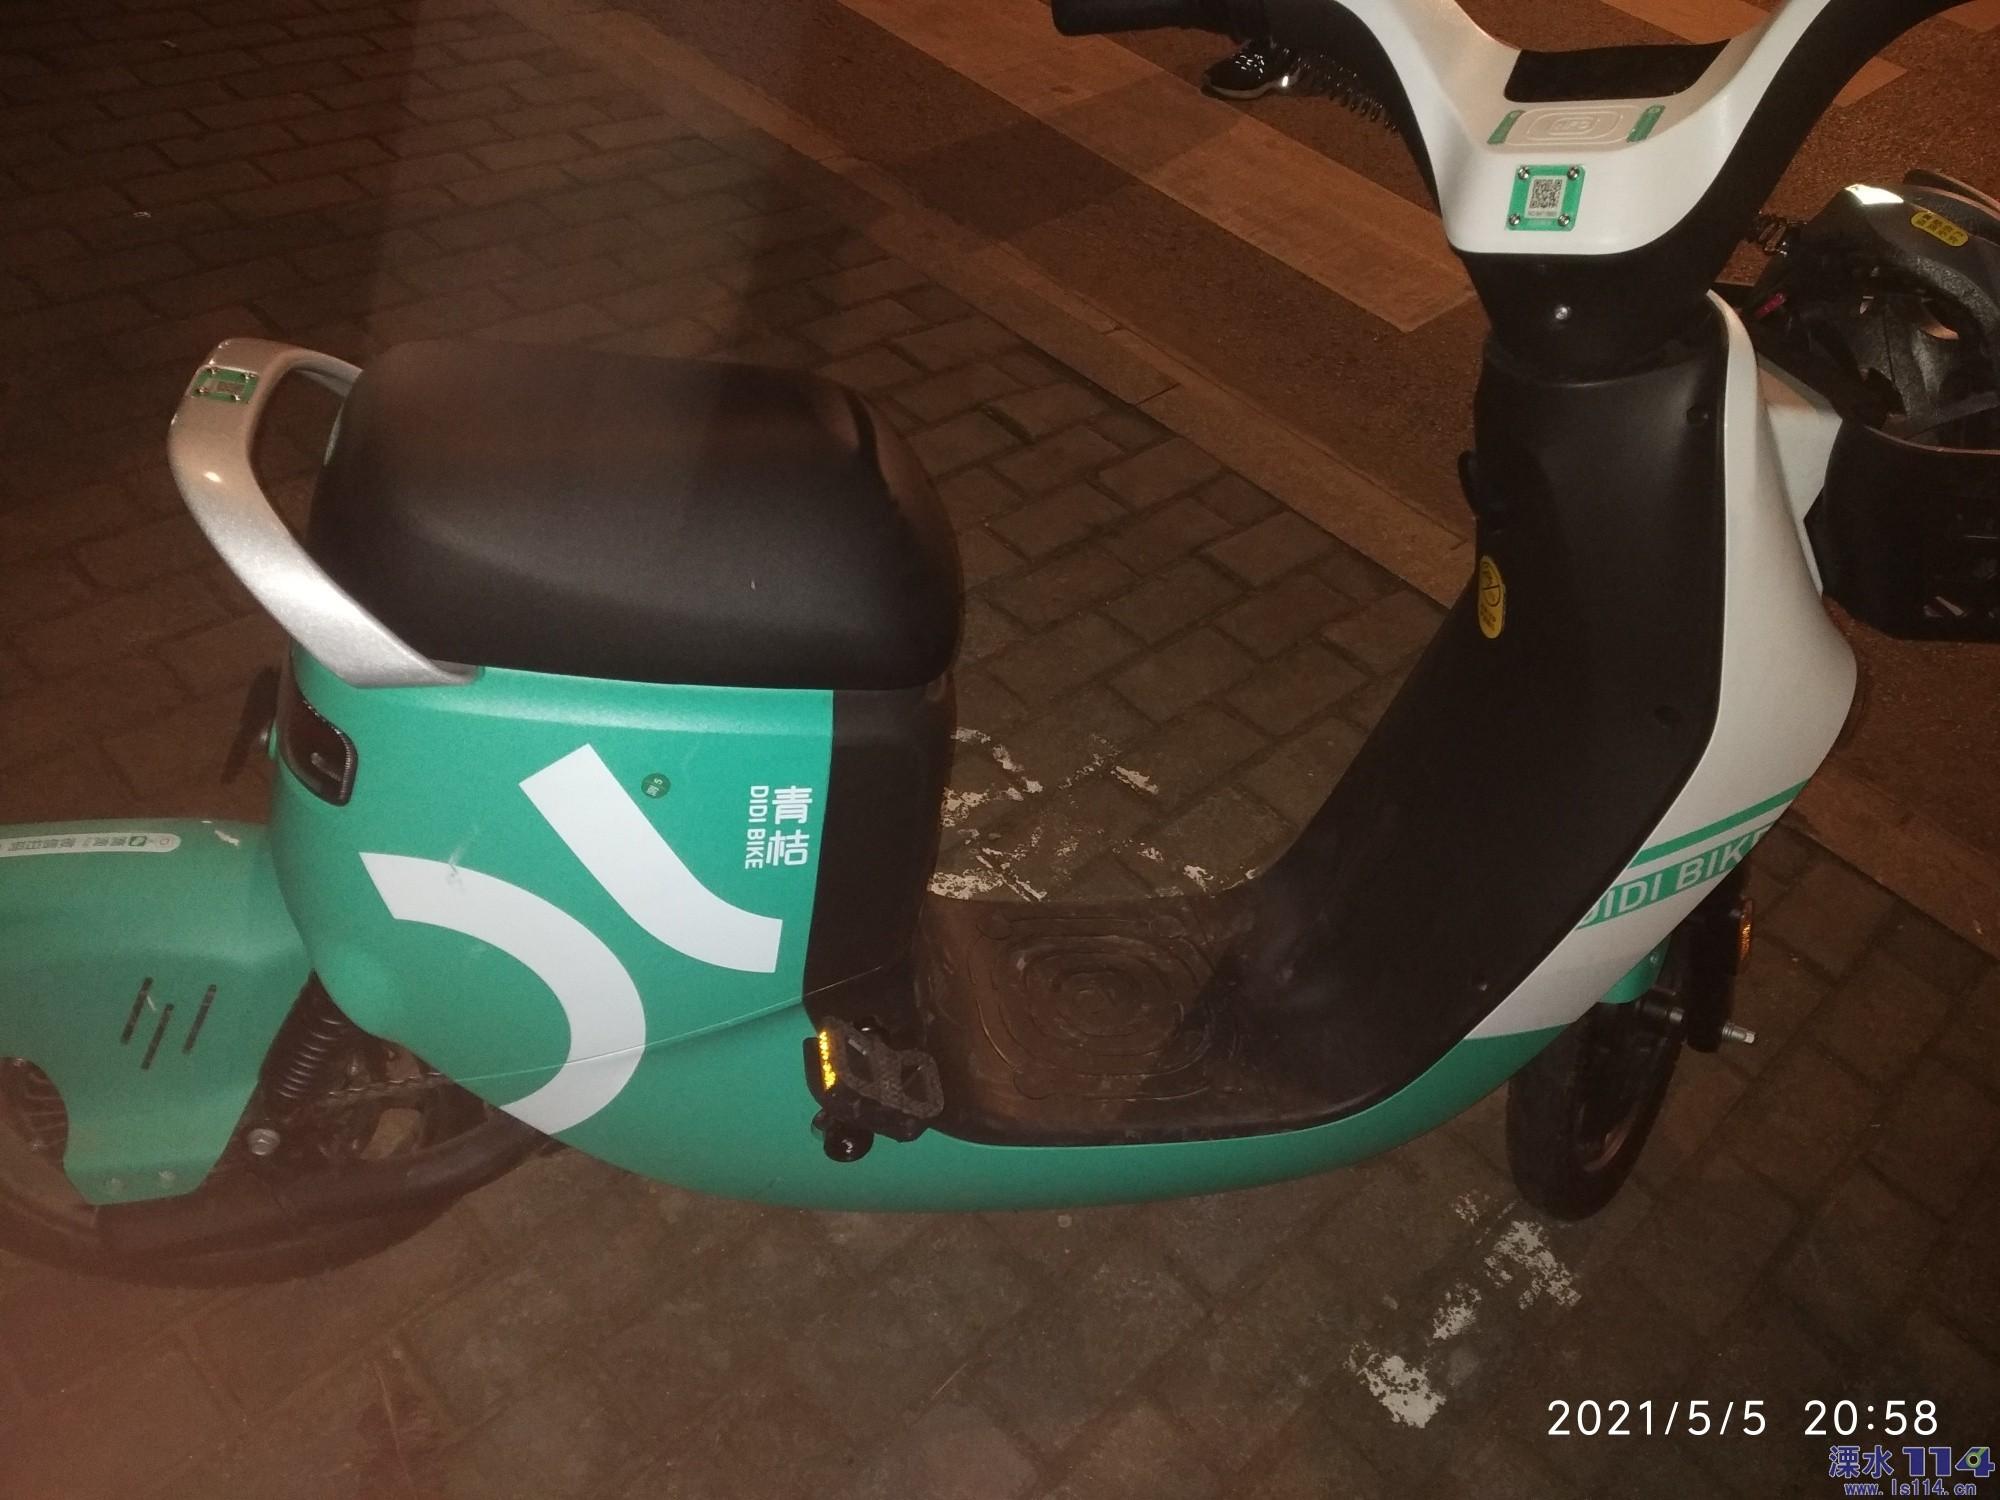 青桔共享电单车在溧水正式投放